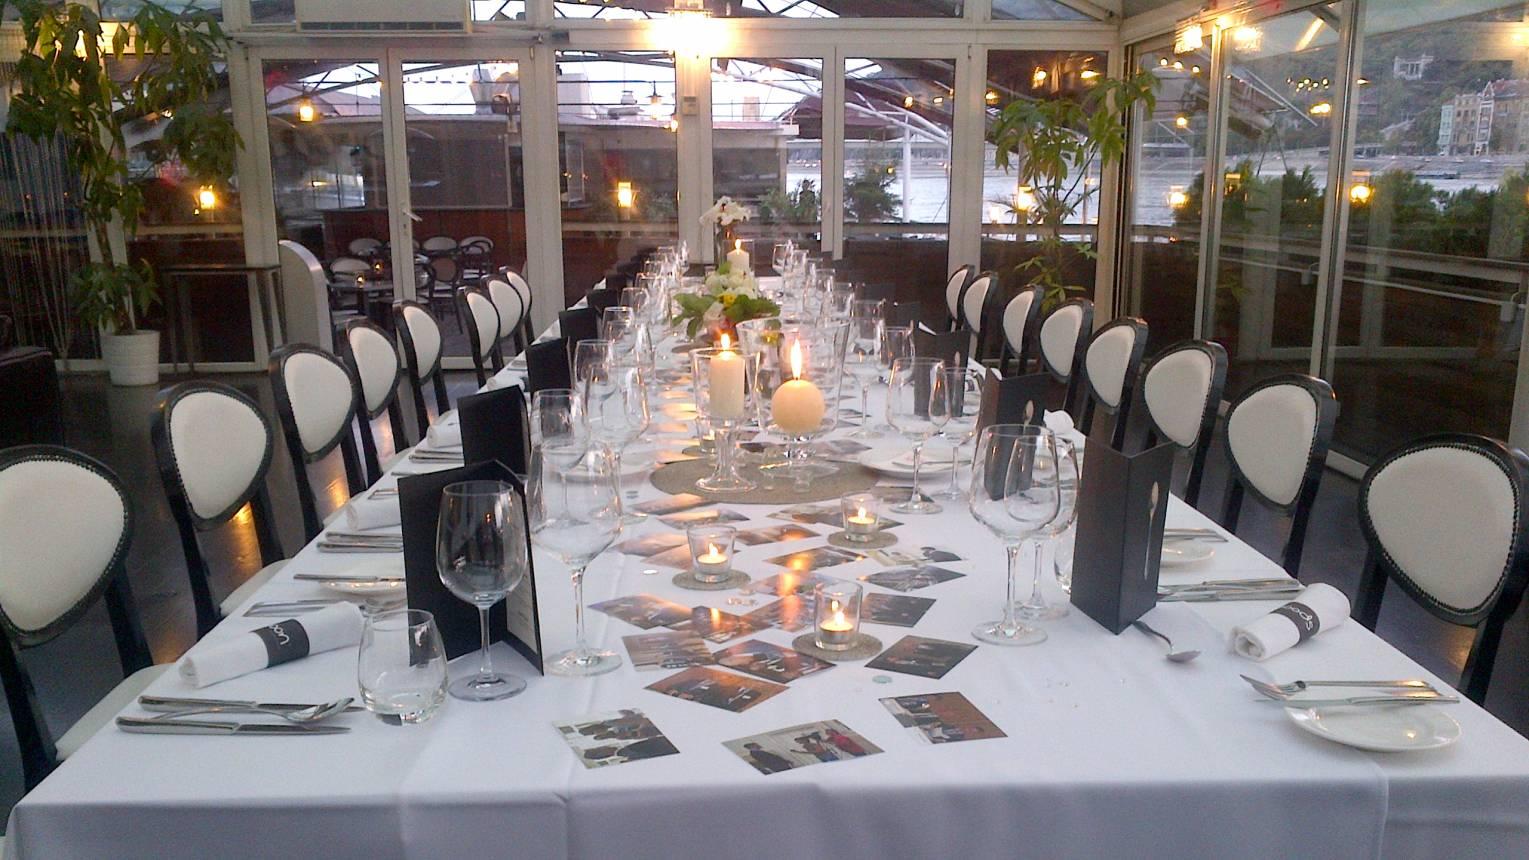 VIP Vacsora barátokkal, családdal a Spoon étteremhajón